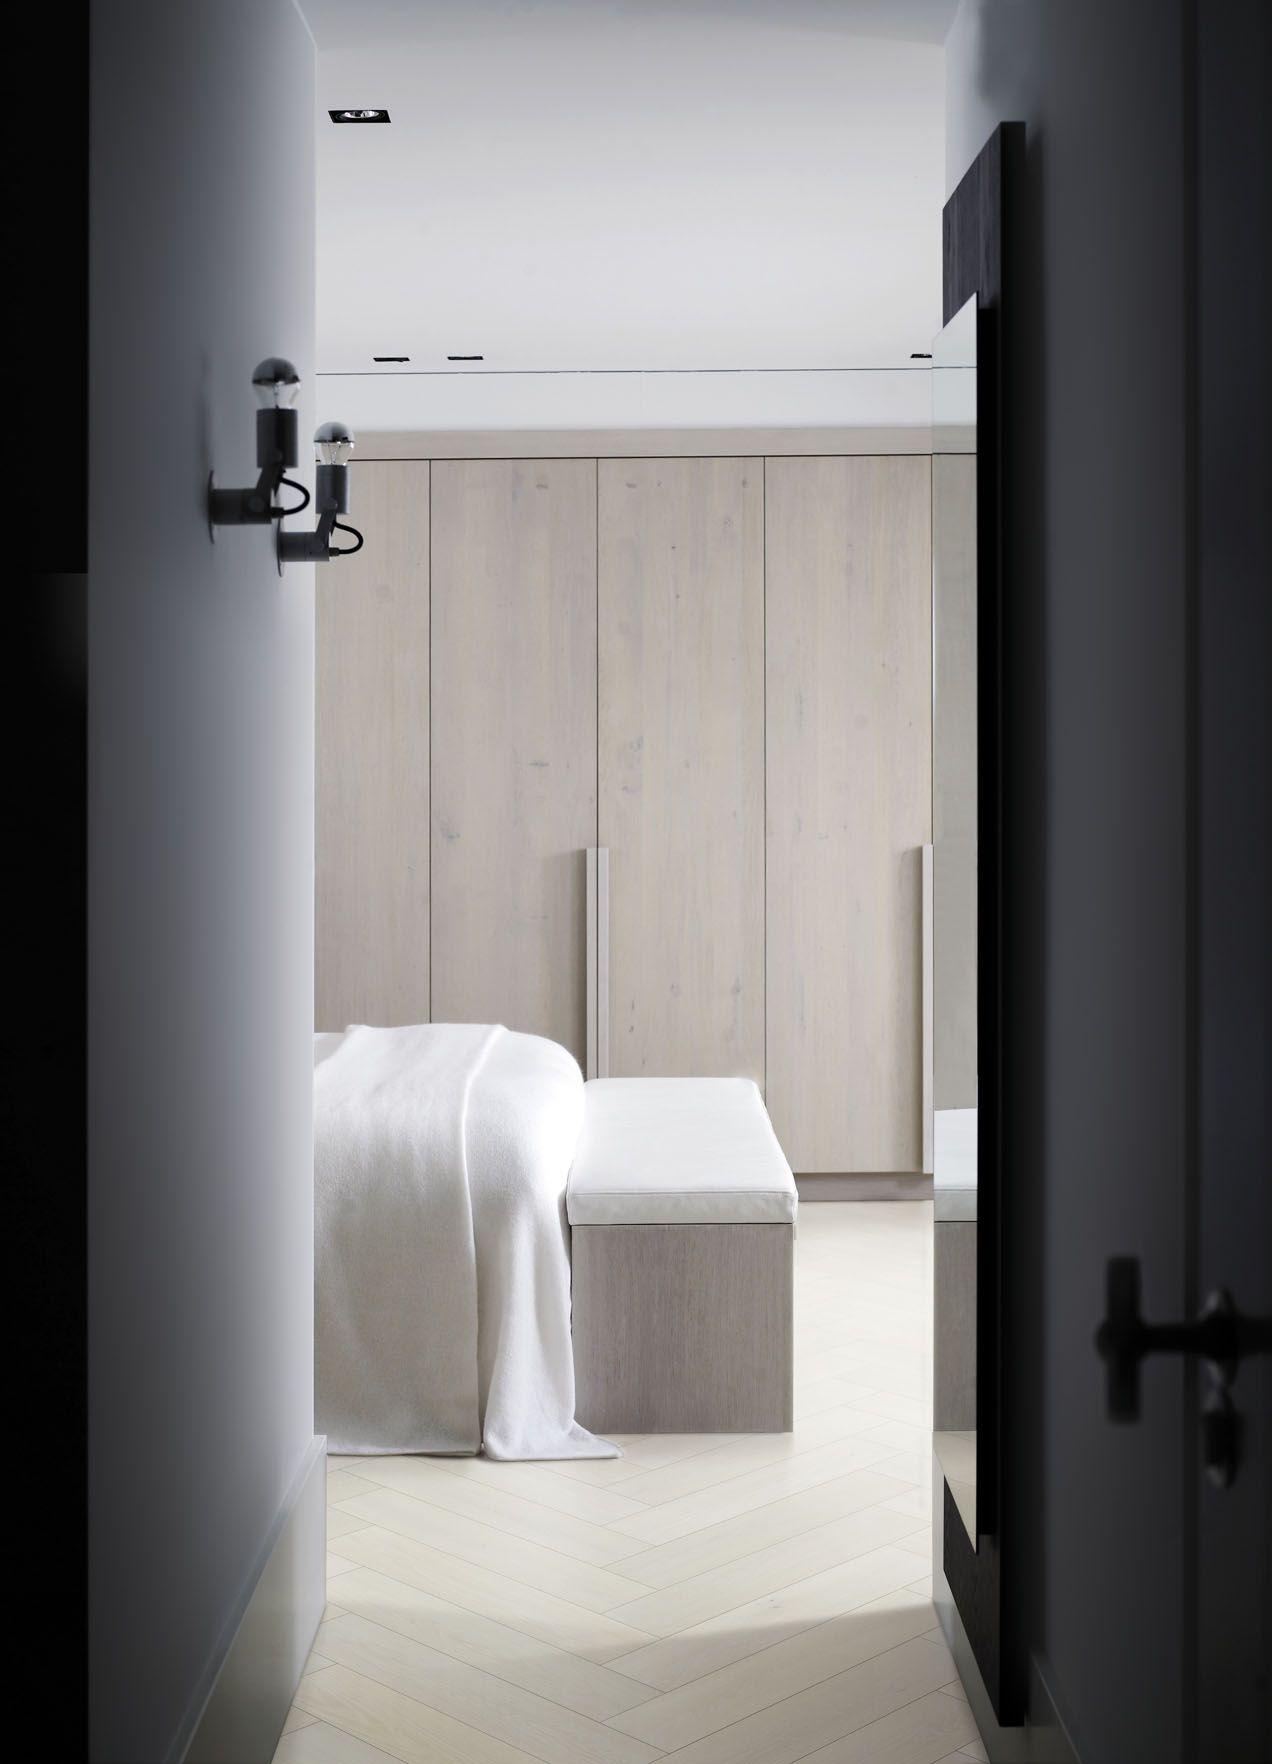 Slaapkamer met houten vloer visgraat | Solidfloor by Piet Boon ...